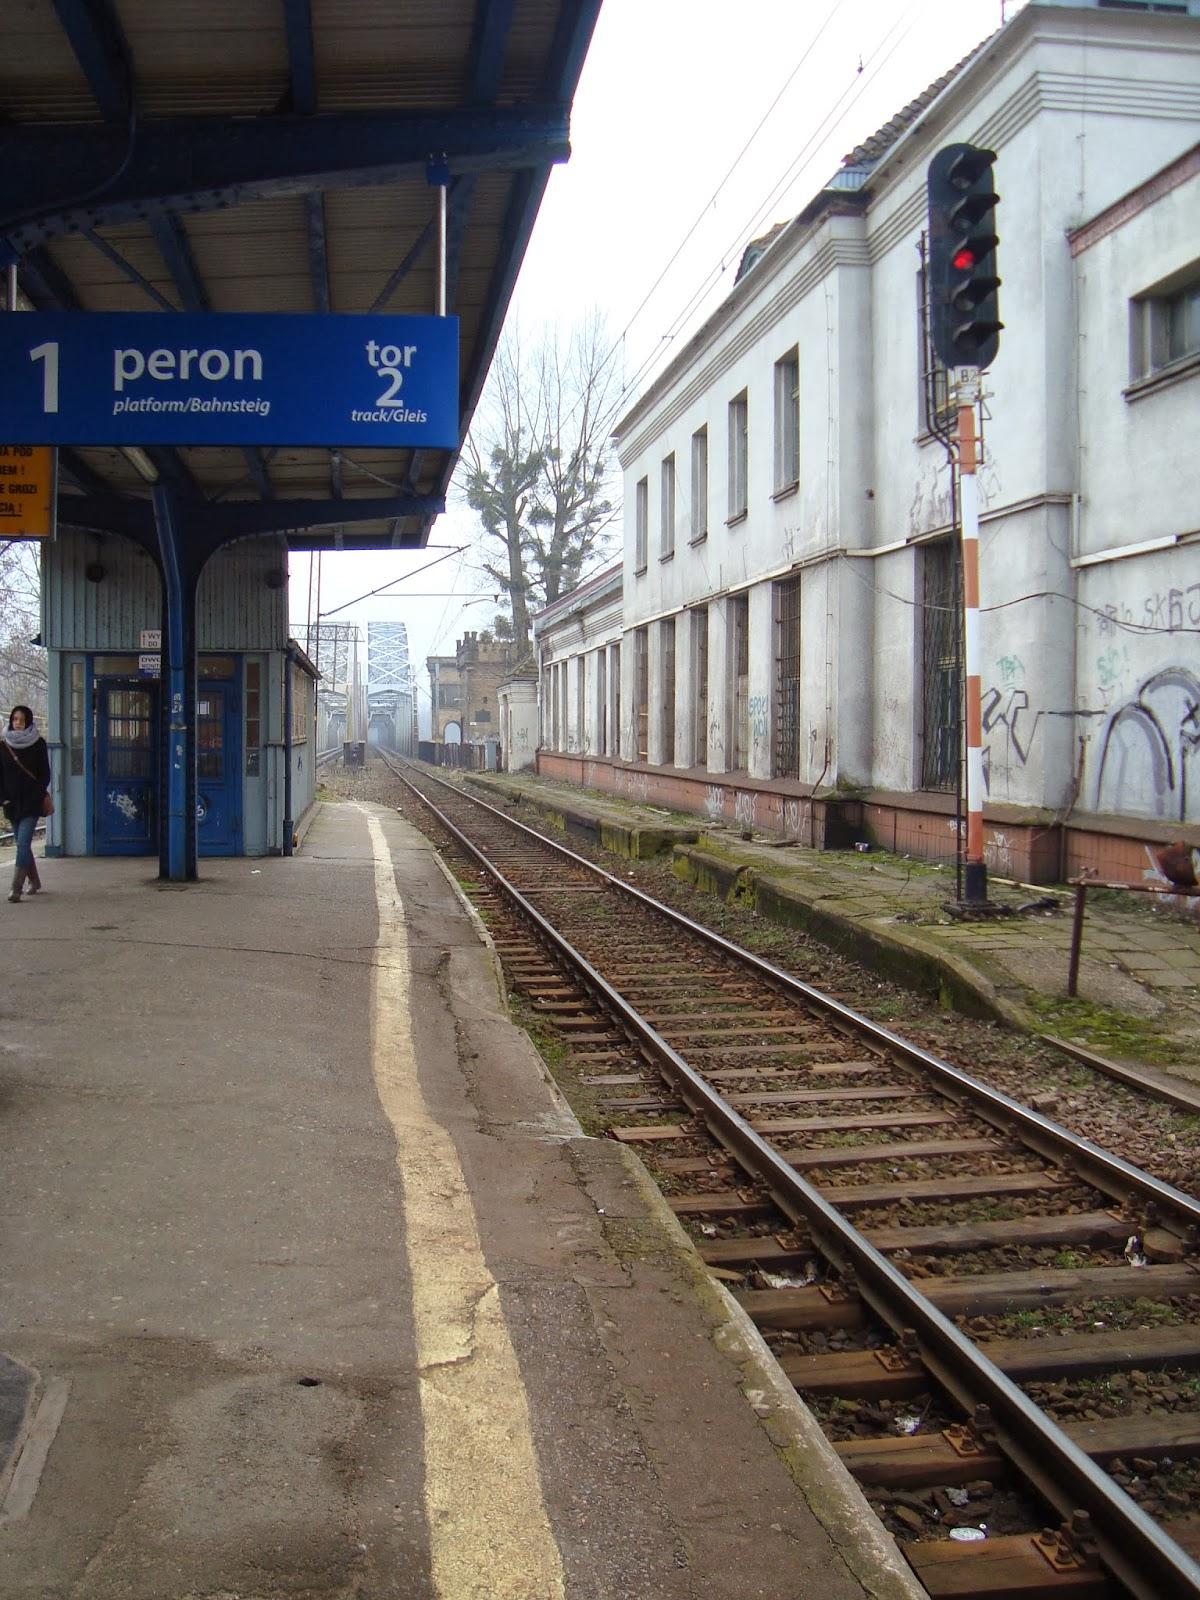 pkp toruń miasto, peron, tory